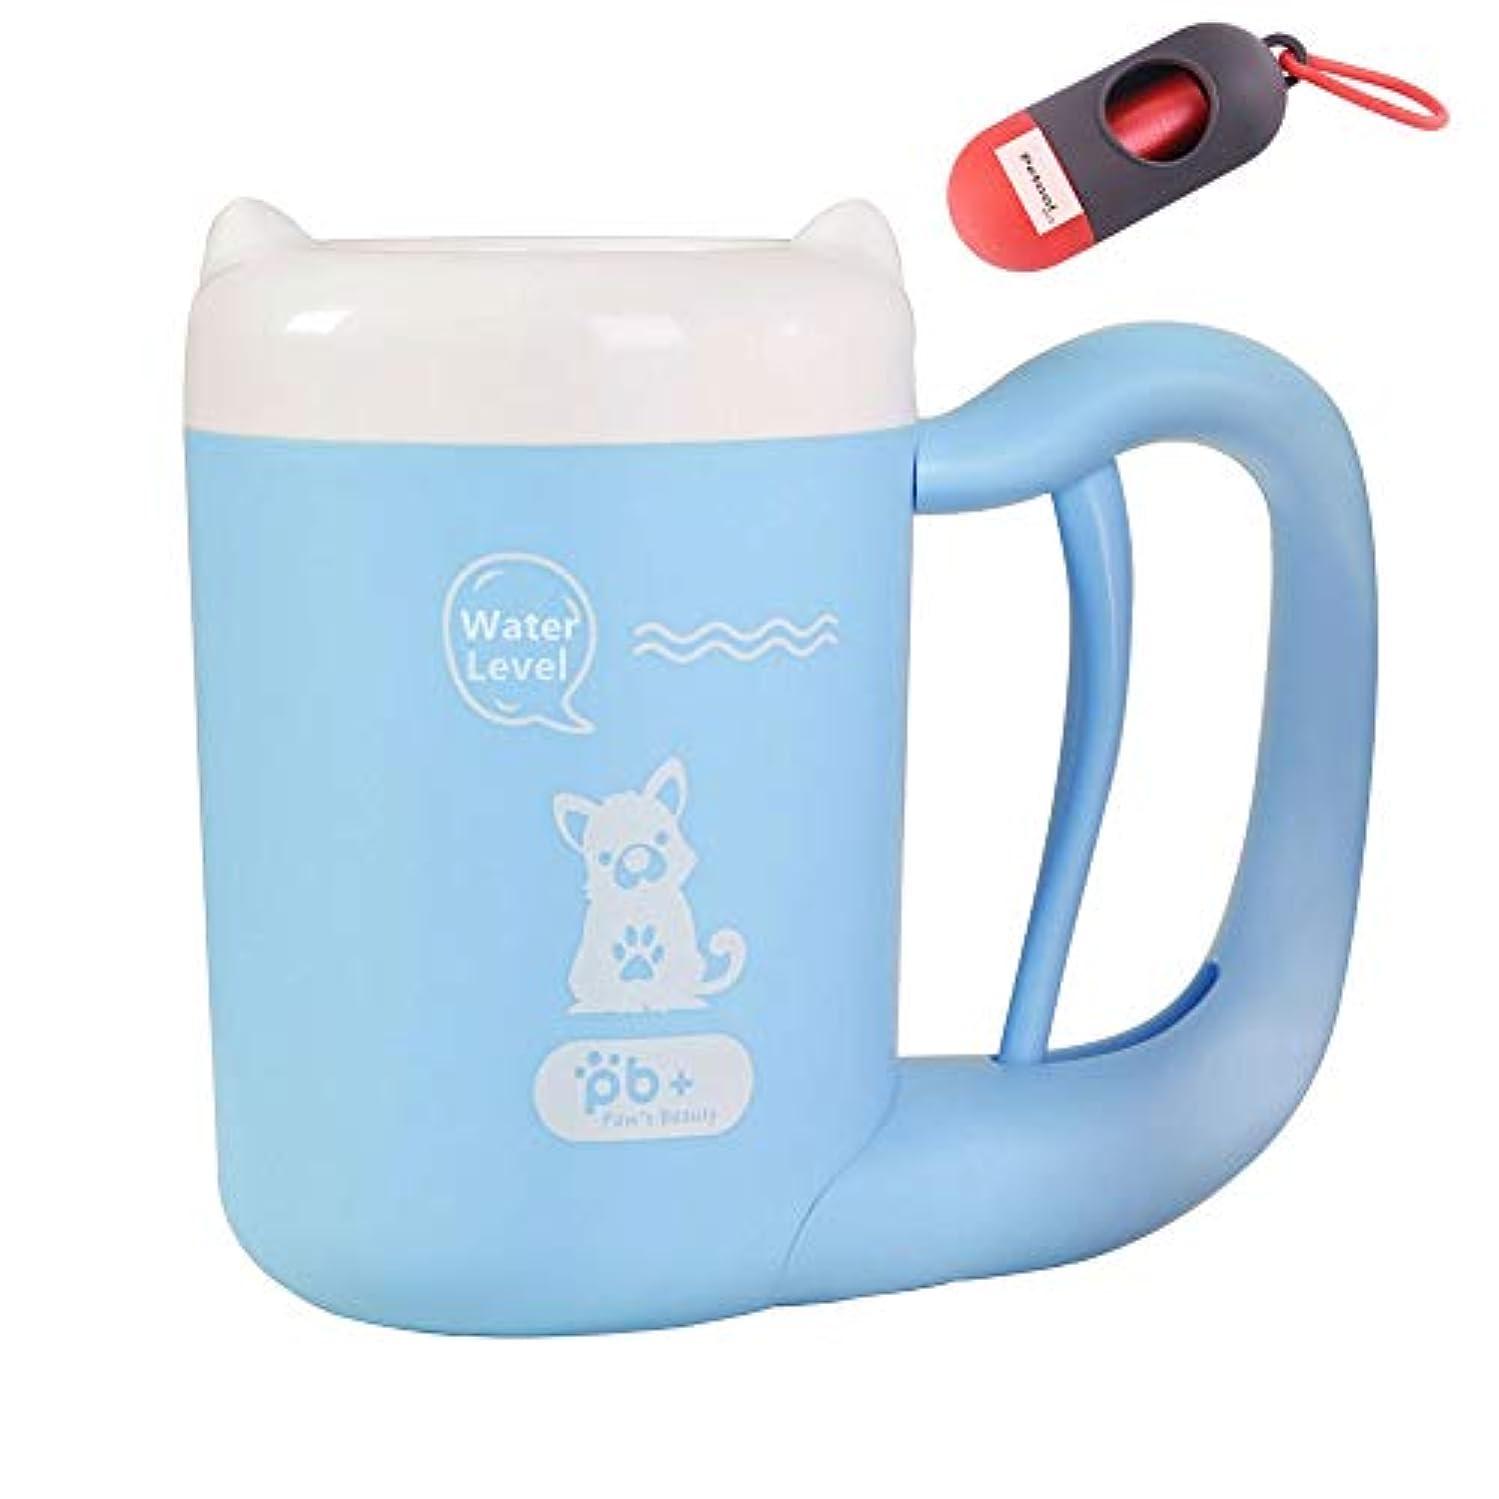 アンビエントエイズパン屋足洗いカップ ペット 犬 クリーナー 足洗いブラシ 半自動式 小型犬に最適 回転 便利 シリコーンブラシ 柔軟 マッサージ効果 安全 ブルー